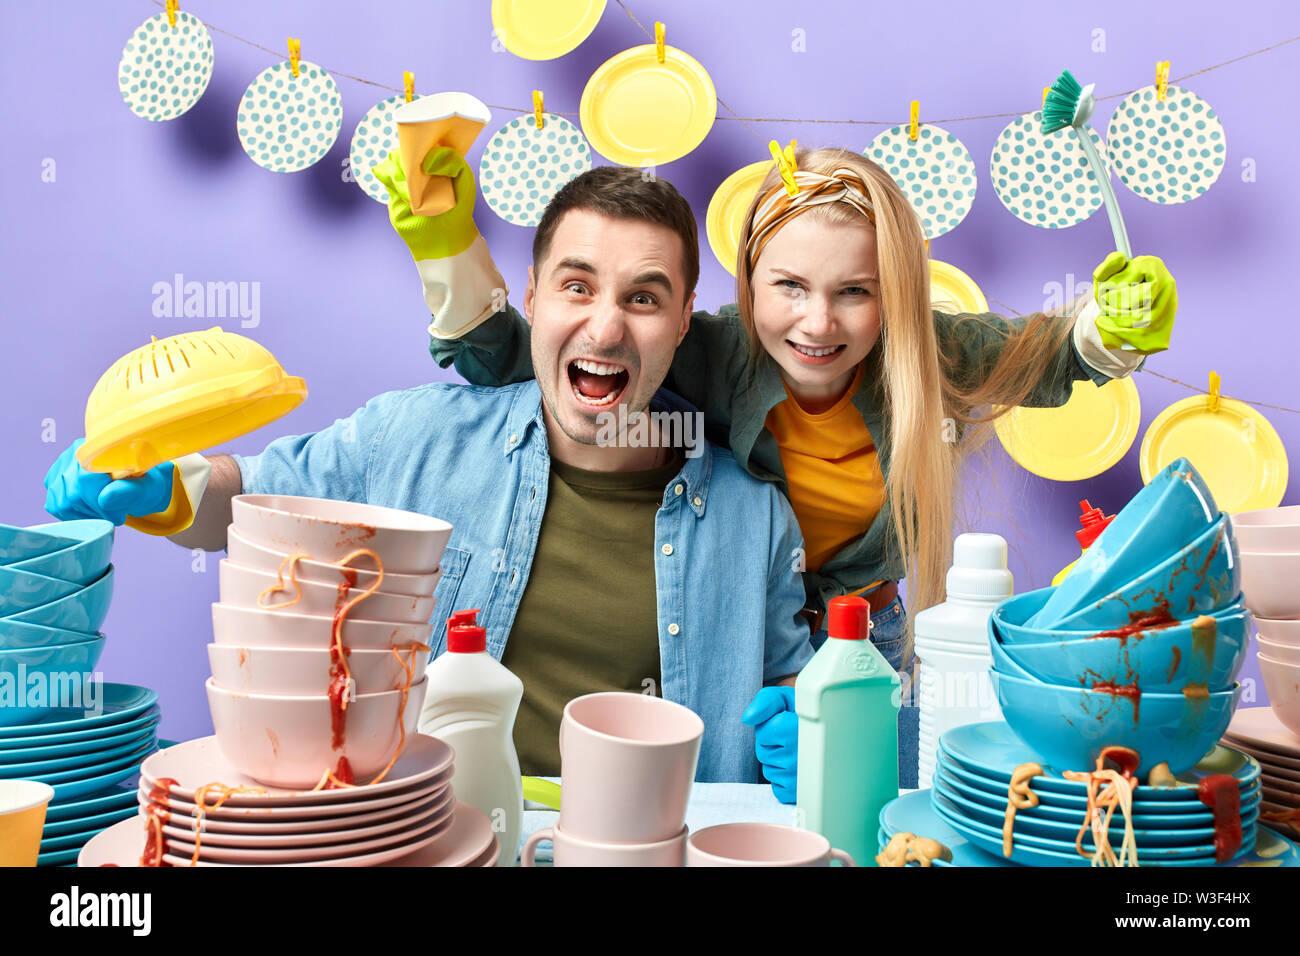 La famille fou heureux de travailler ensemble. d'équipe concept, bonne humeur pour le lavage, les tâches domestiques, folie Photo Stock